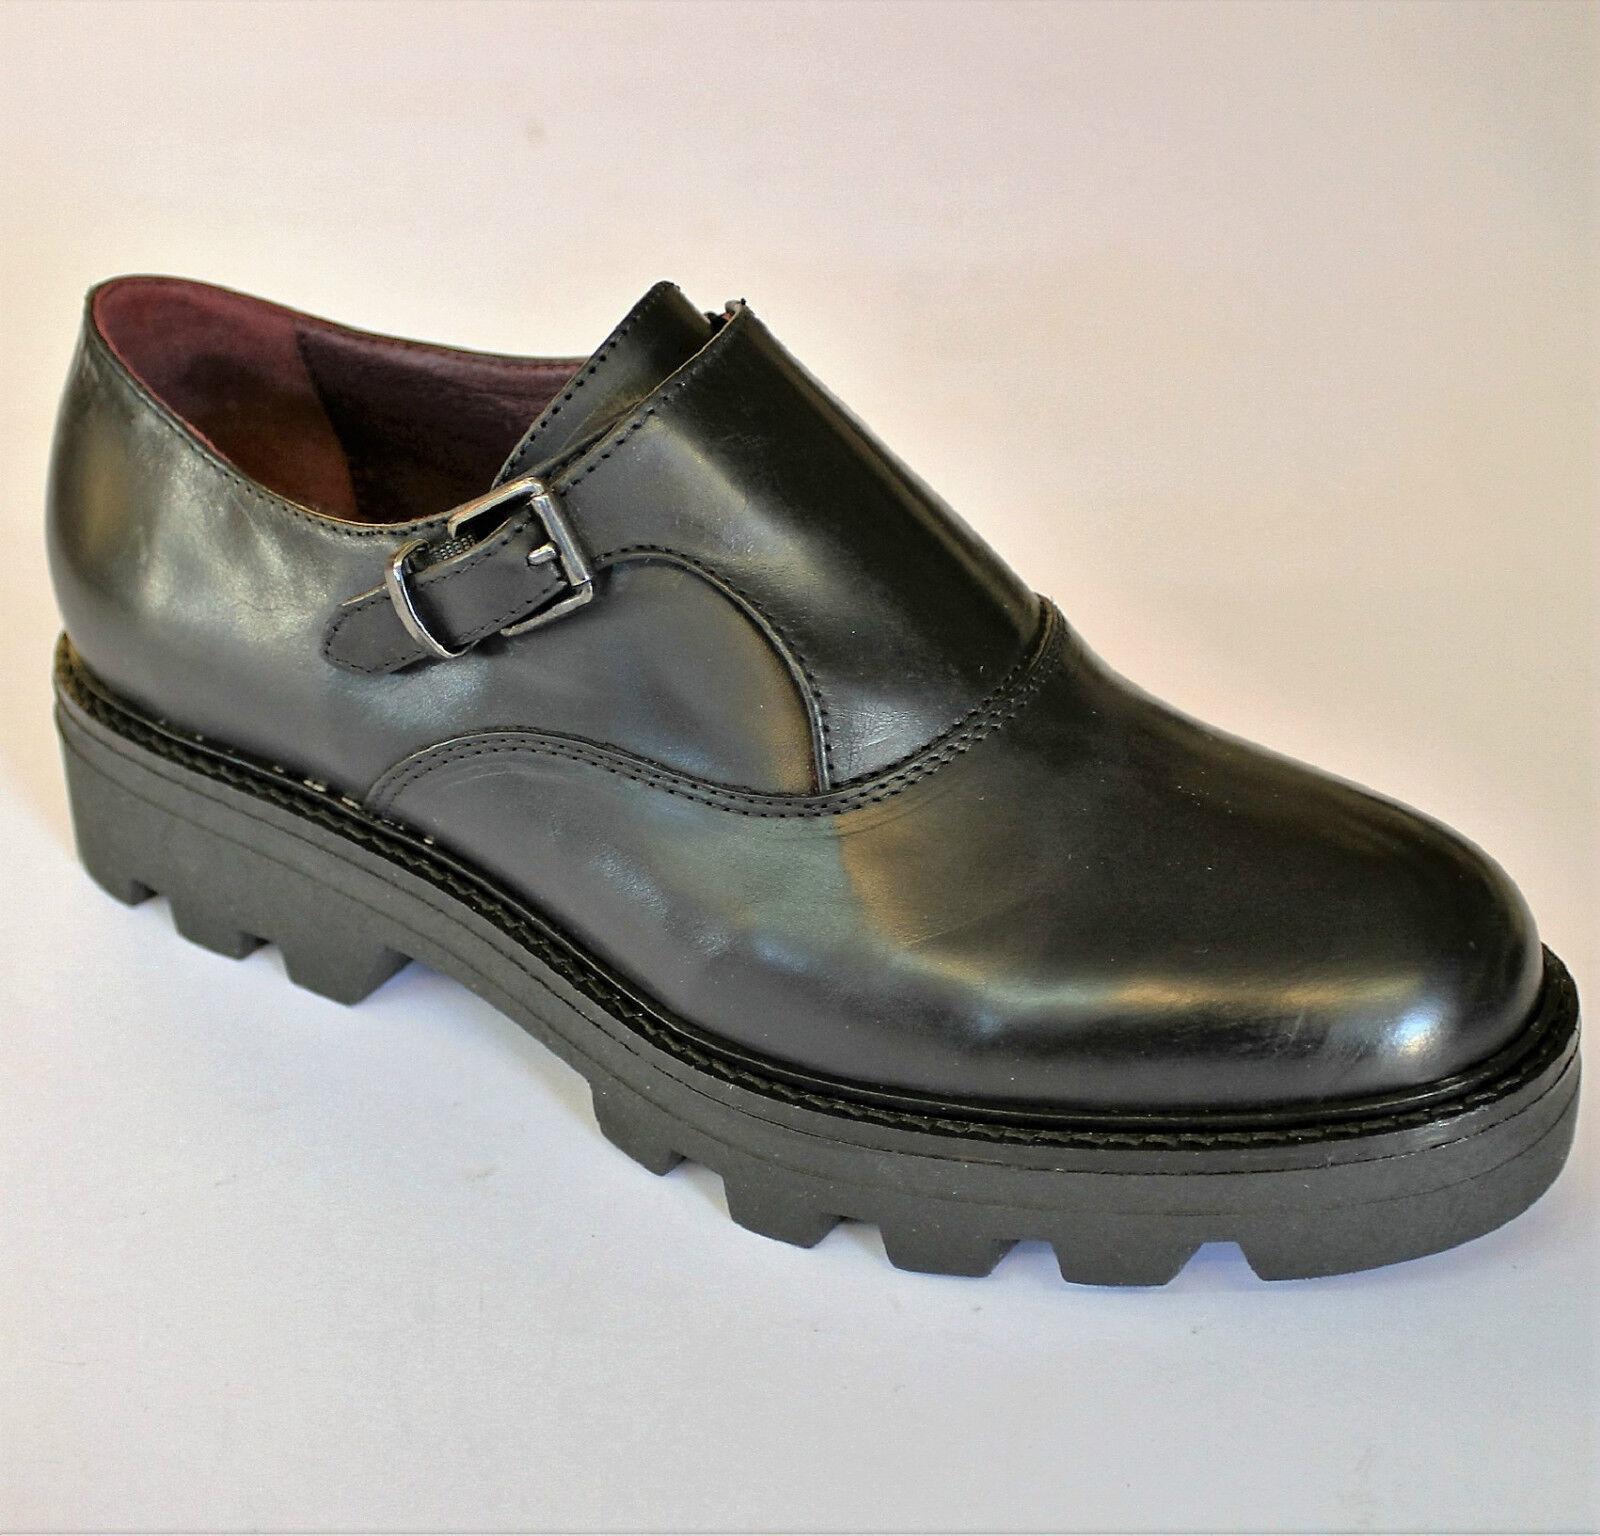 SOGNO DI DONNA scarpa italiana giovane bassa fibia MORENA DONNA  pelle nero MORENA fibia 9459 9e52ac